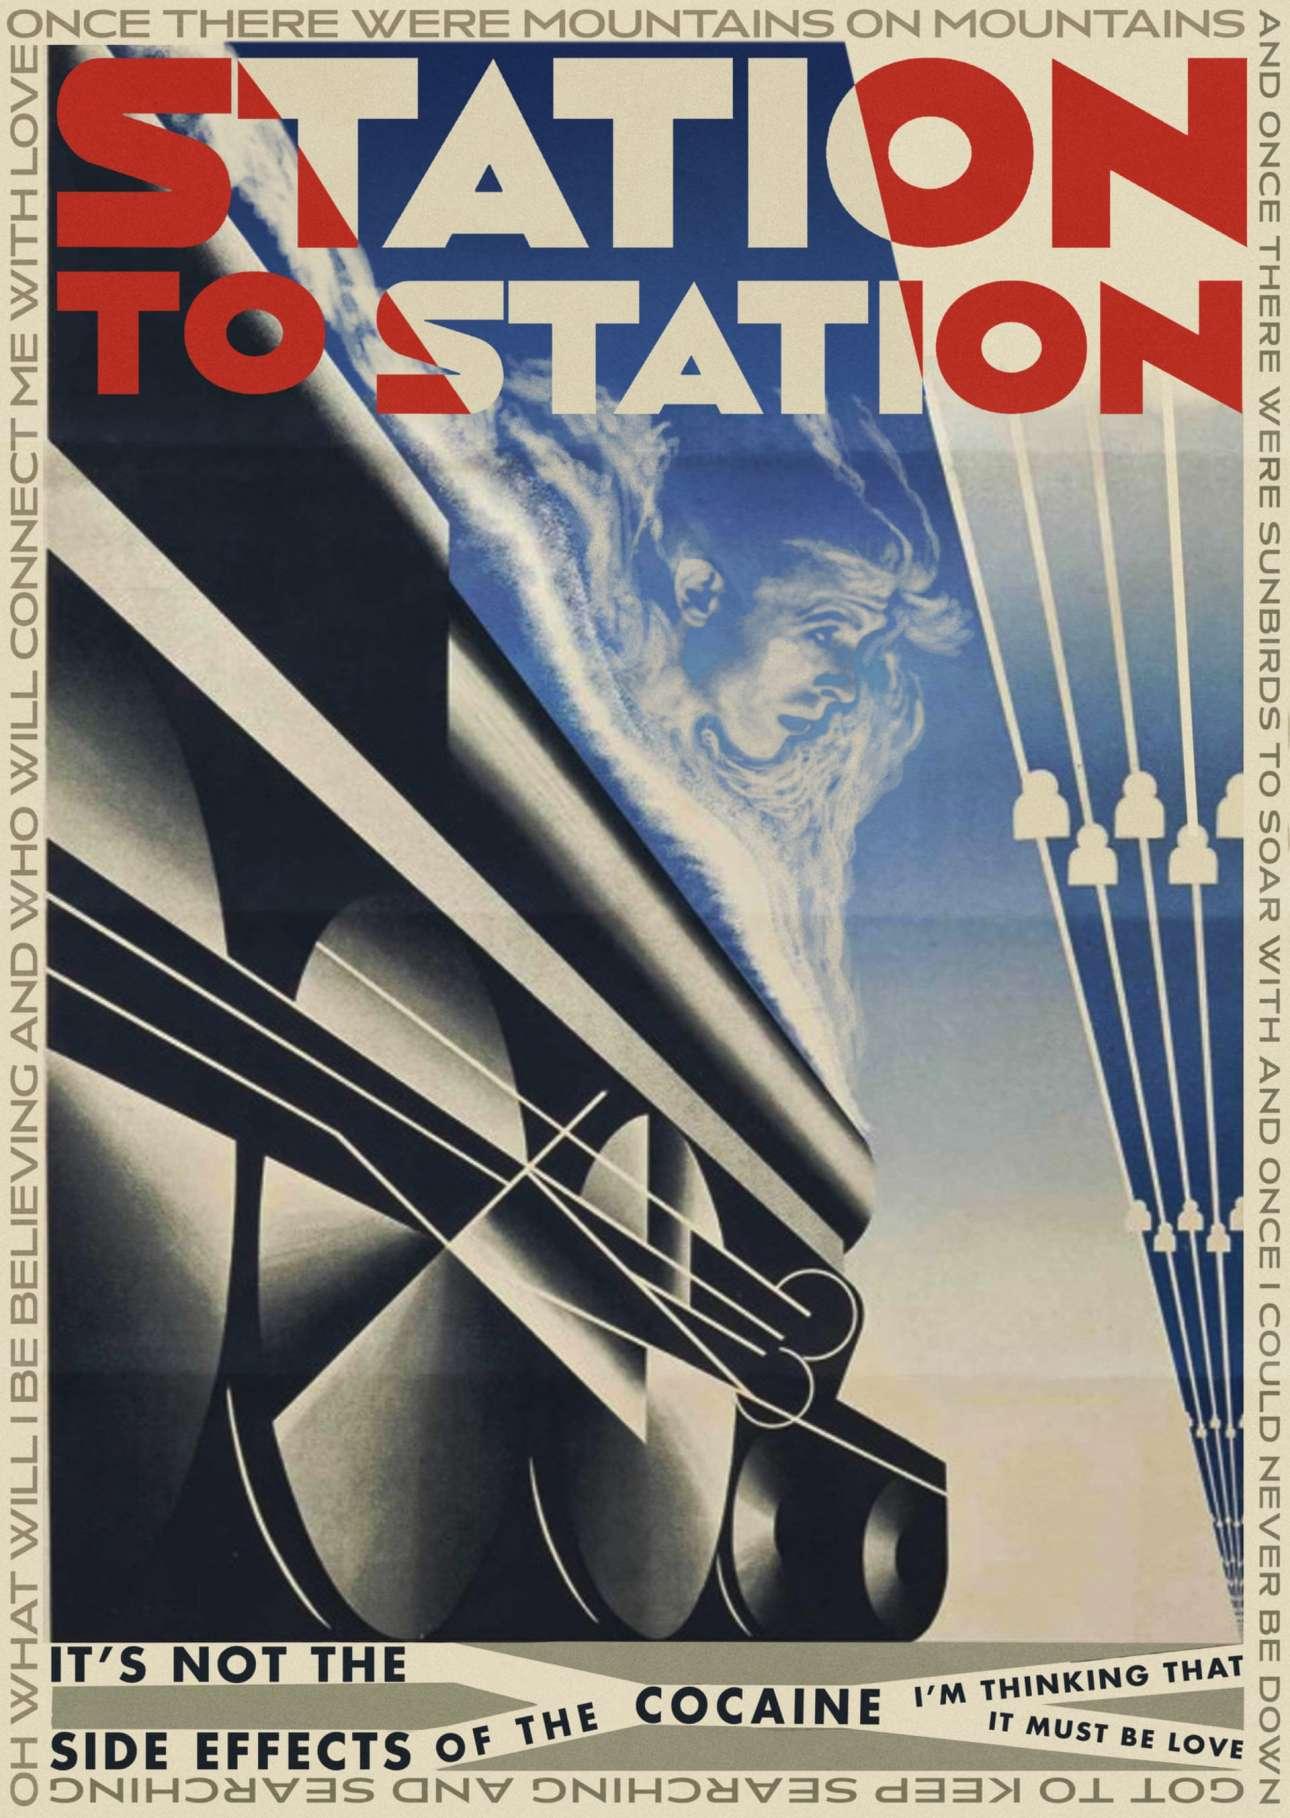 Φουτουριστική αισθητική στο εξώφυλλο για το τραγούδι «Station to Station» του Ντέιβιντ Μπάουι